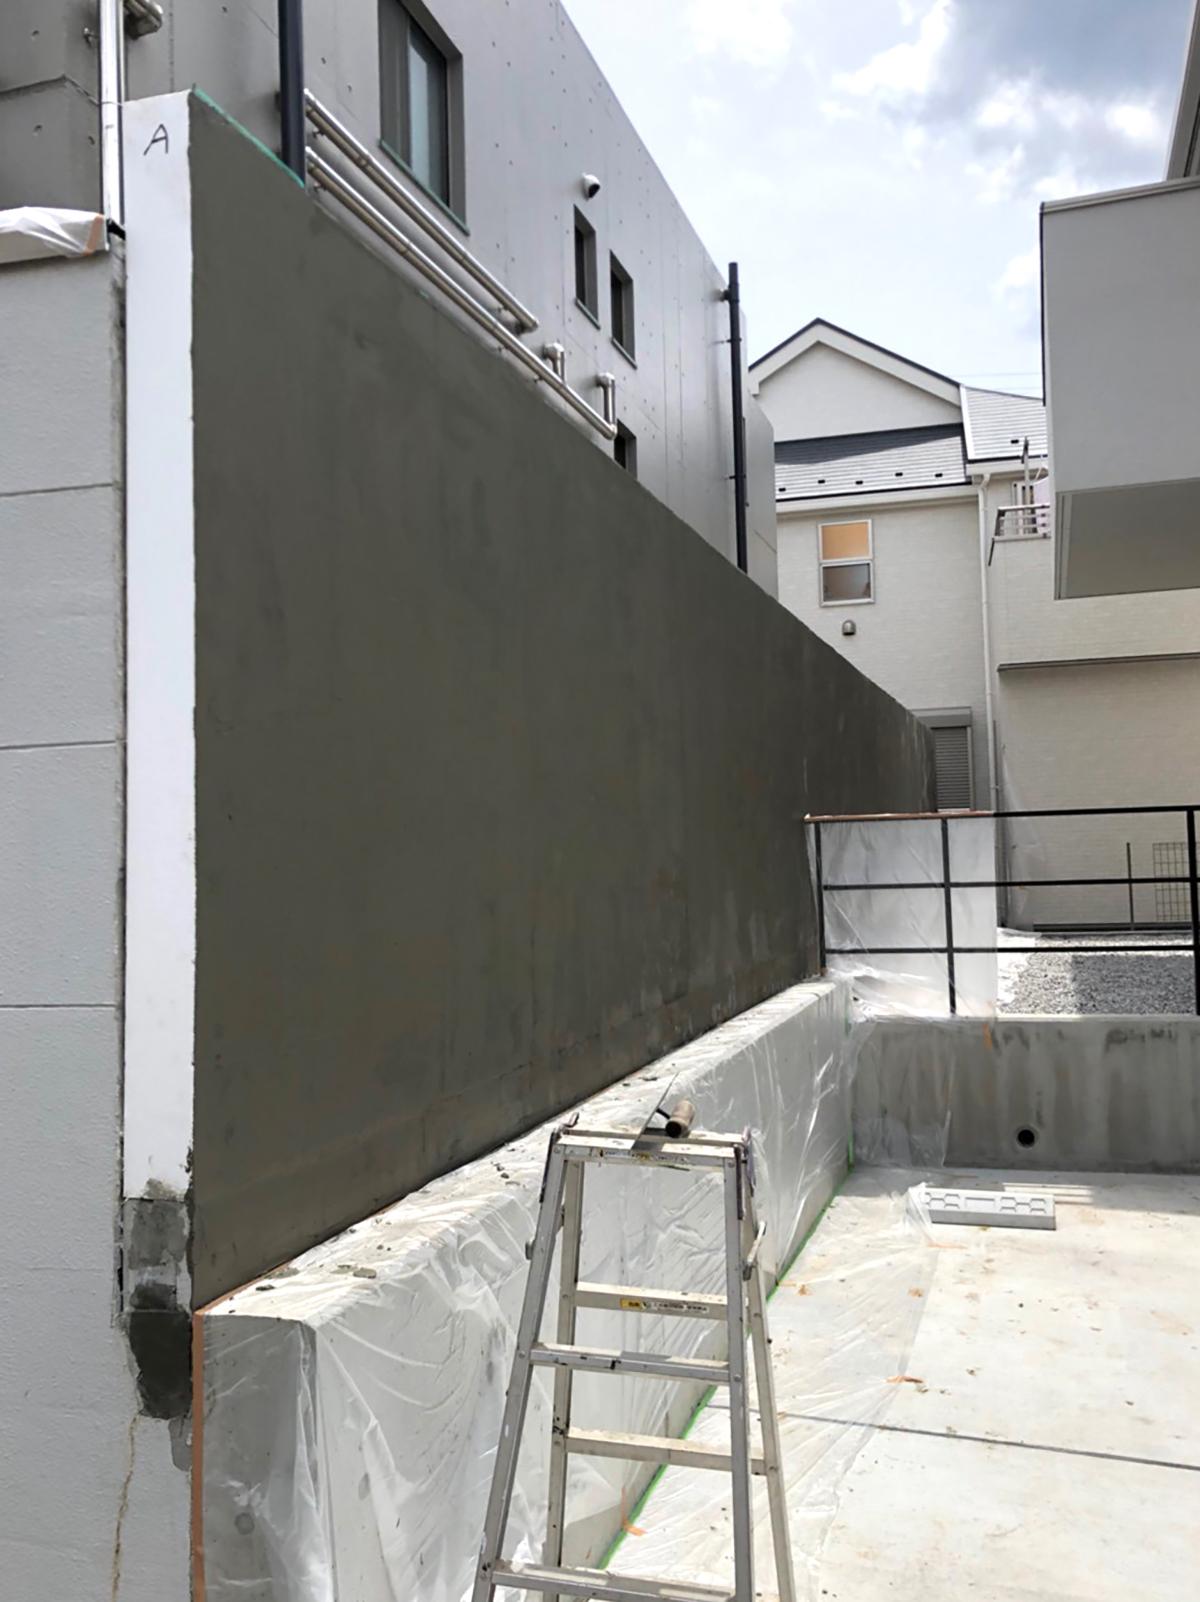 神奈川県 LiBerta グランドアートウォール施工イメージ916_03